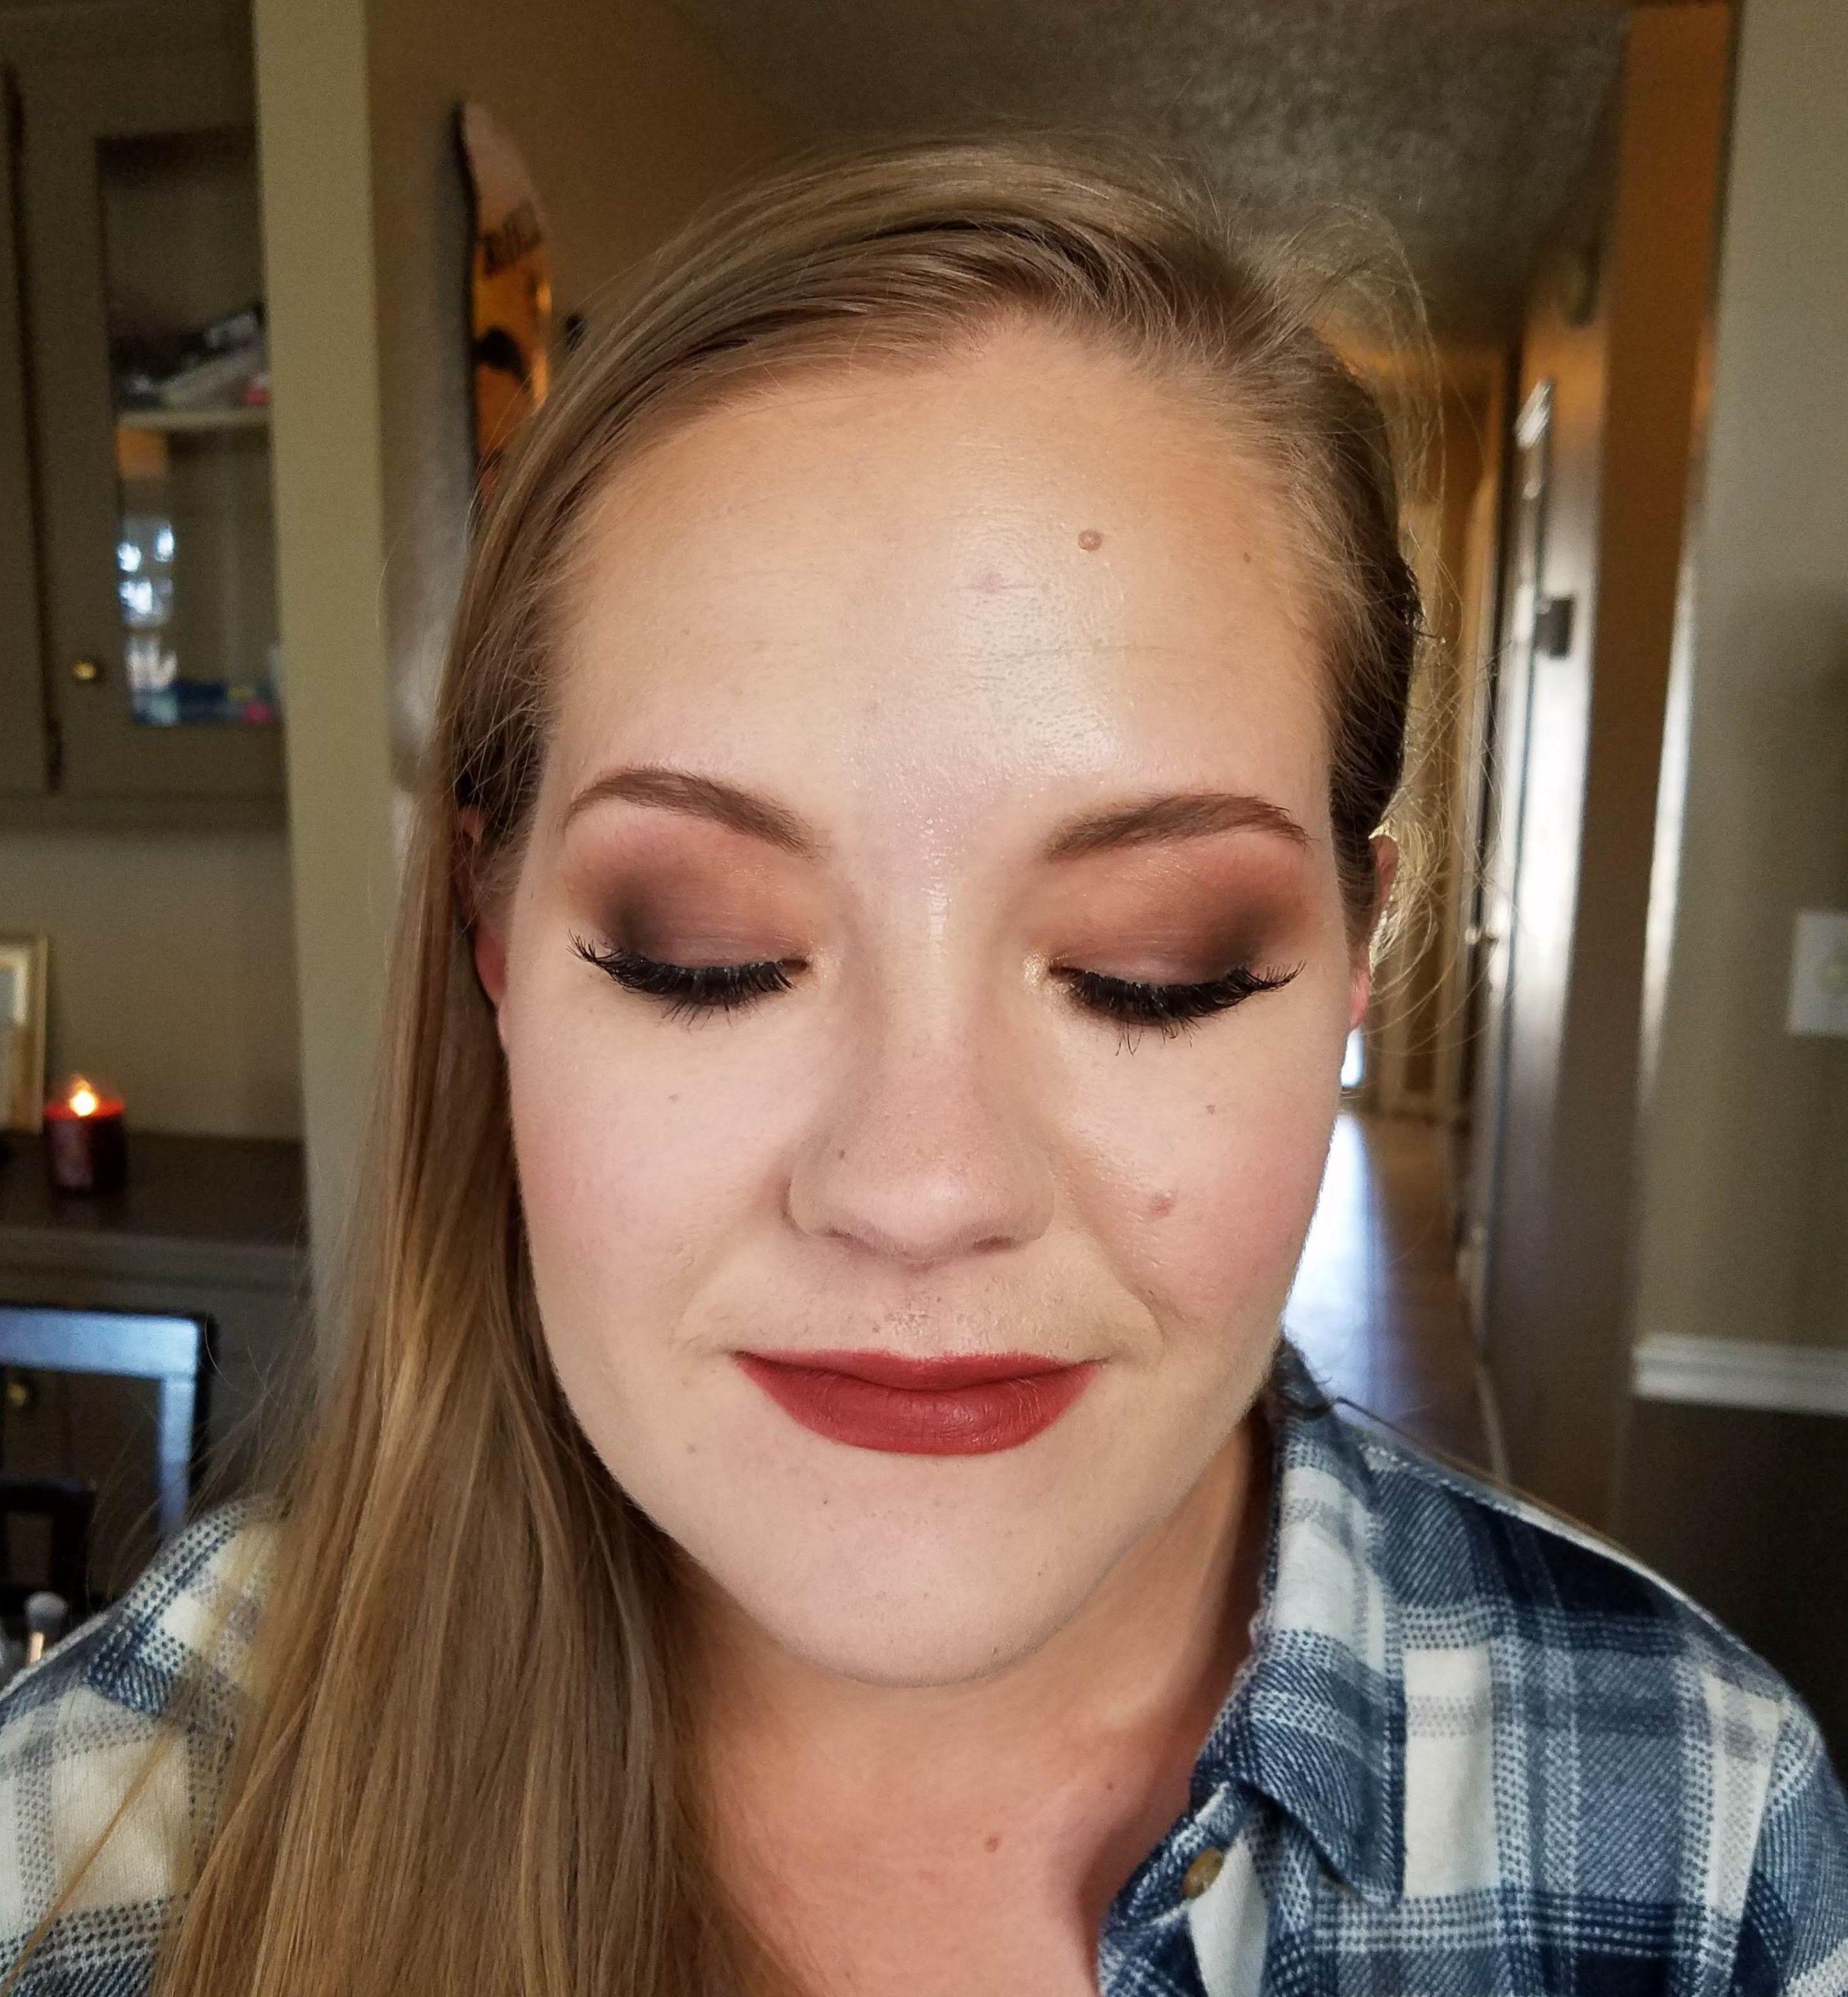 Makeup for a fall family photo shoot. Makeup Artist Megan